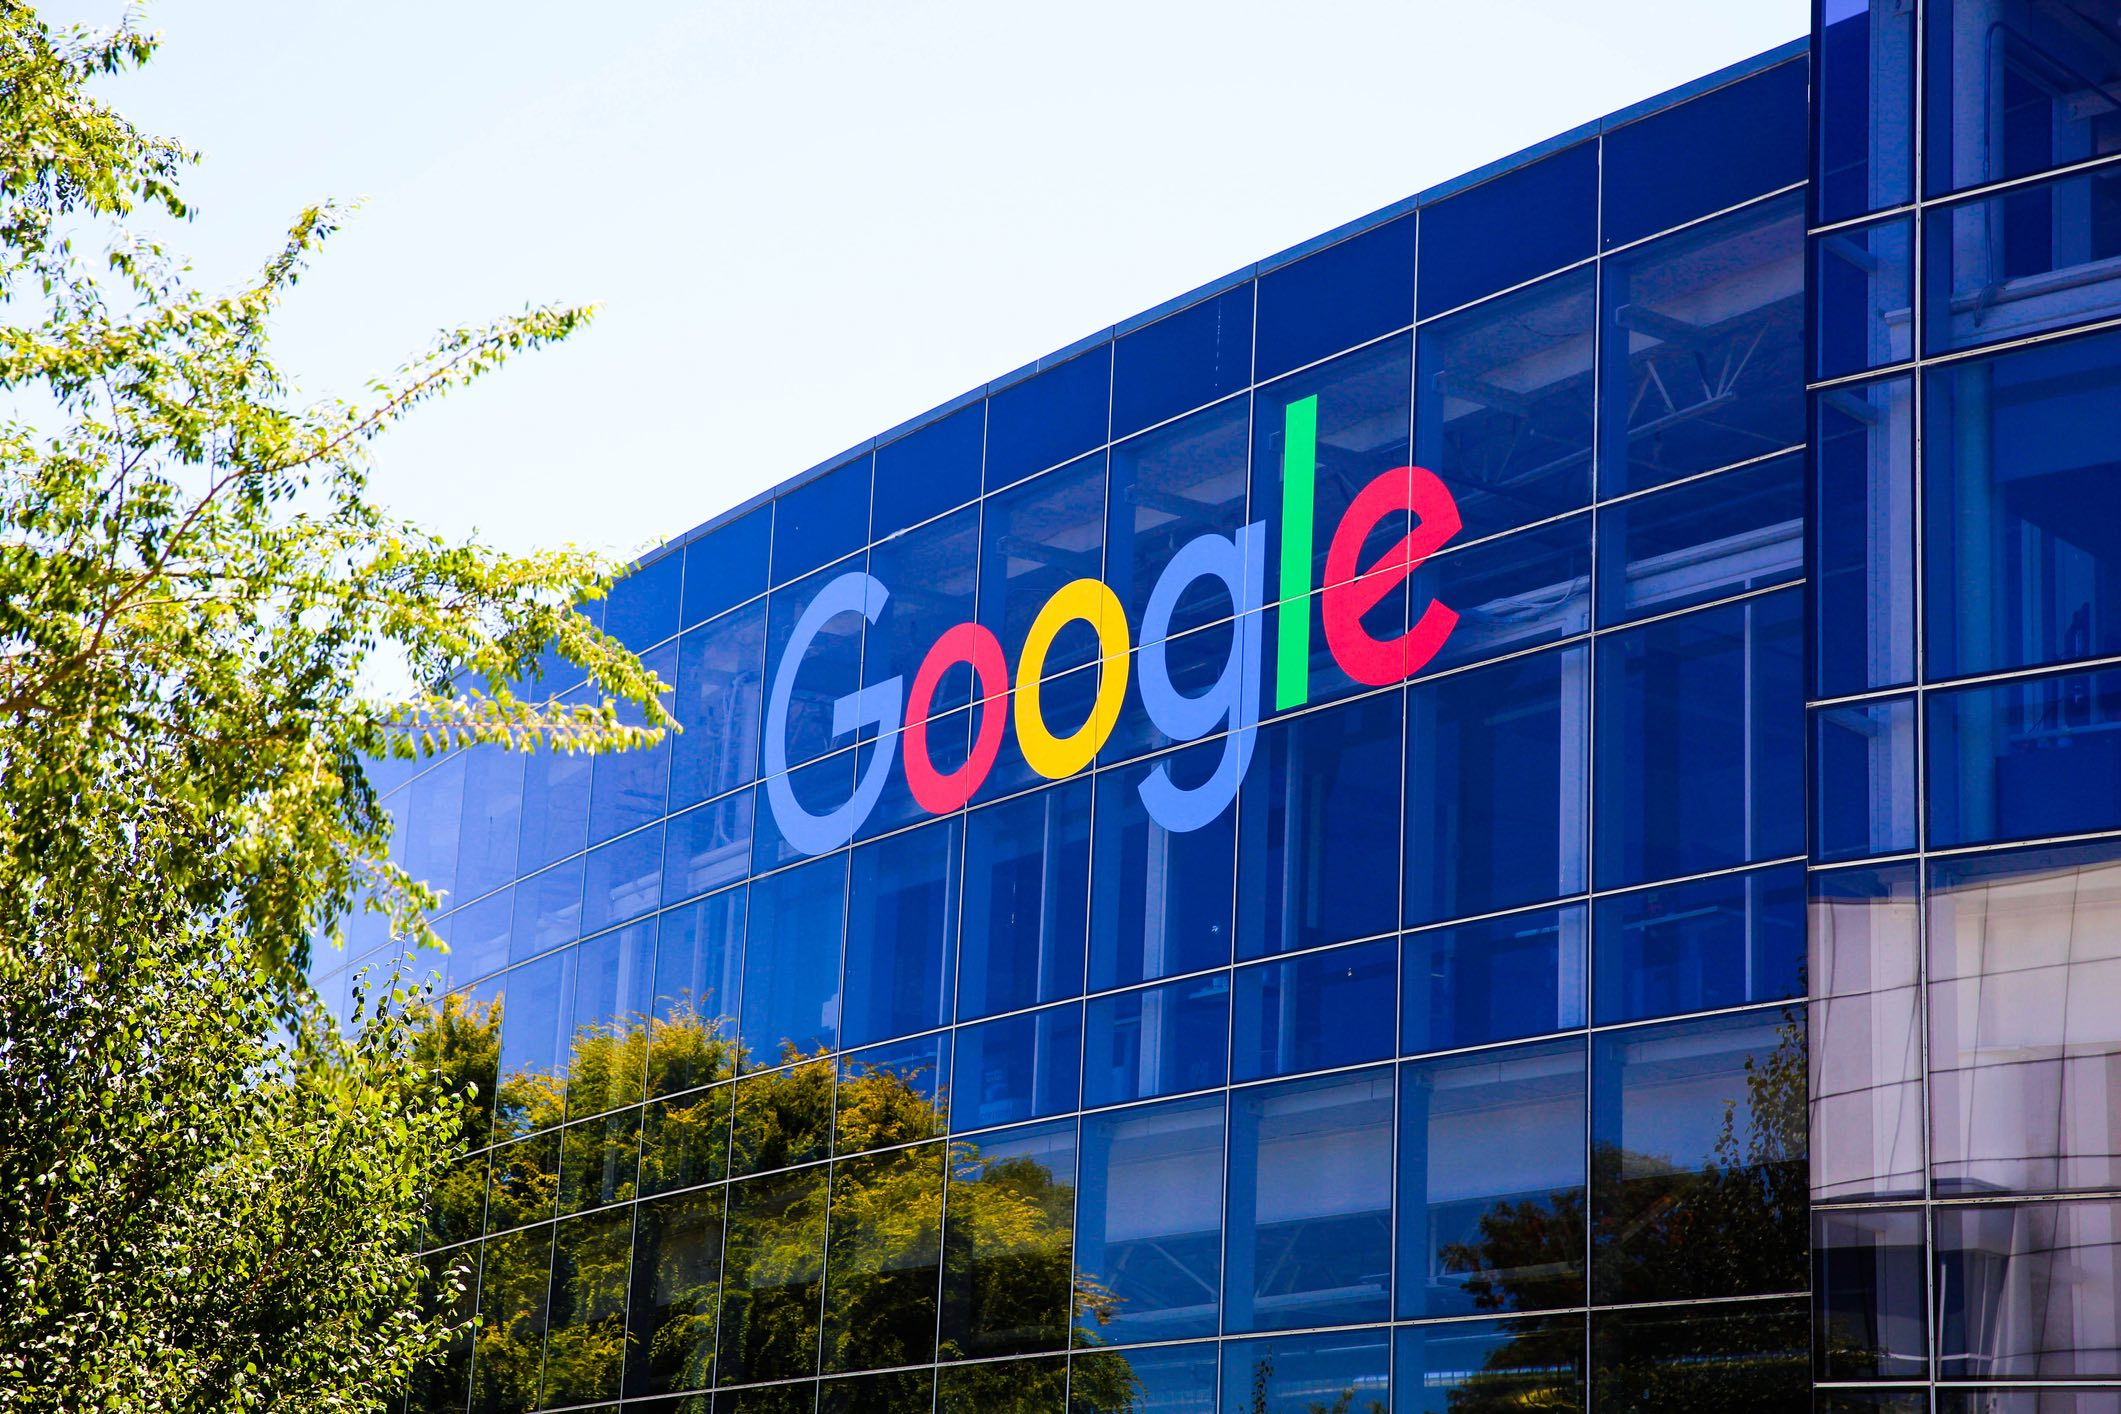 Google Plus settlement